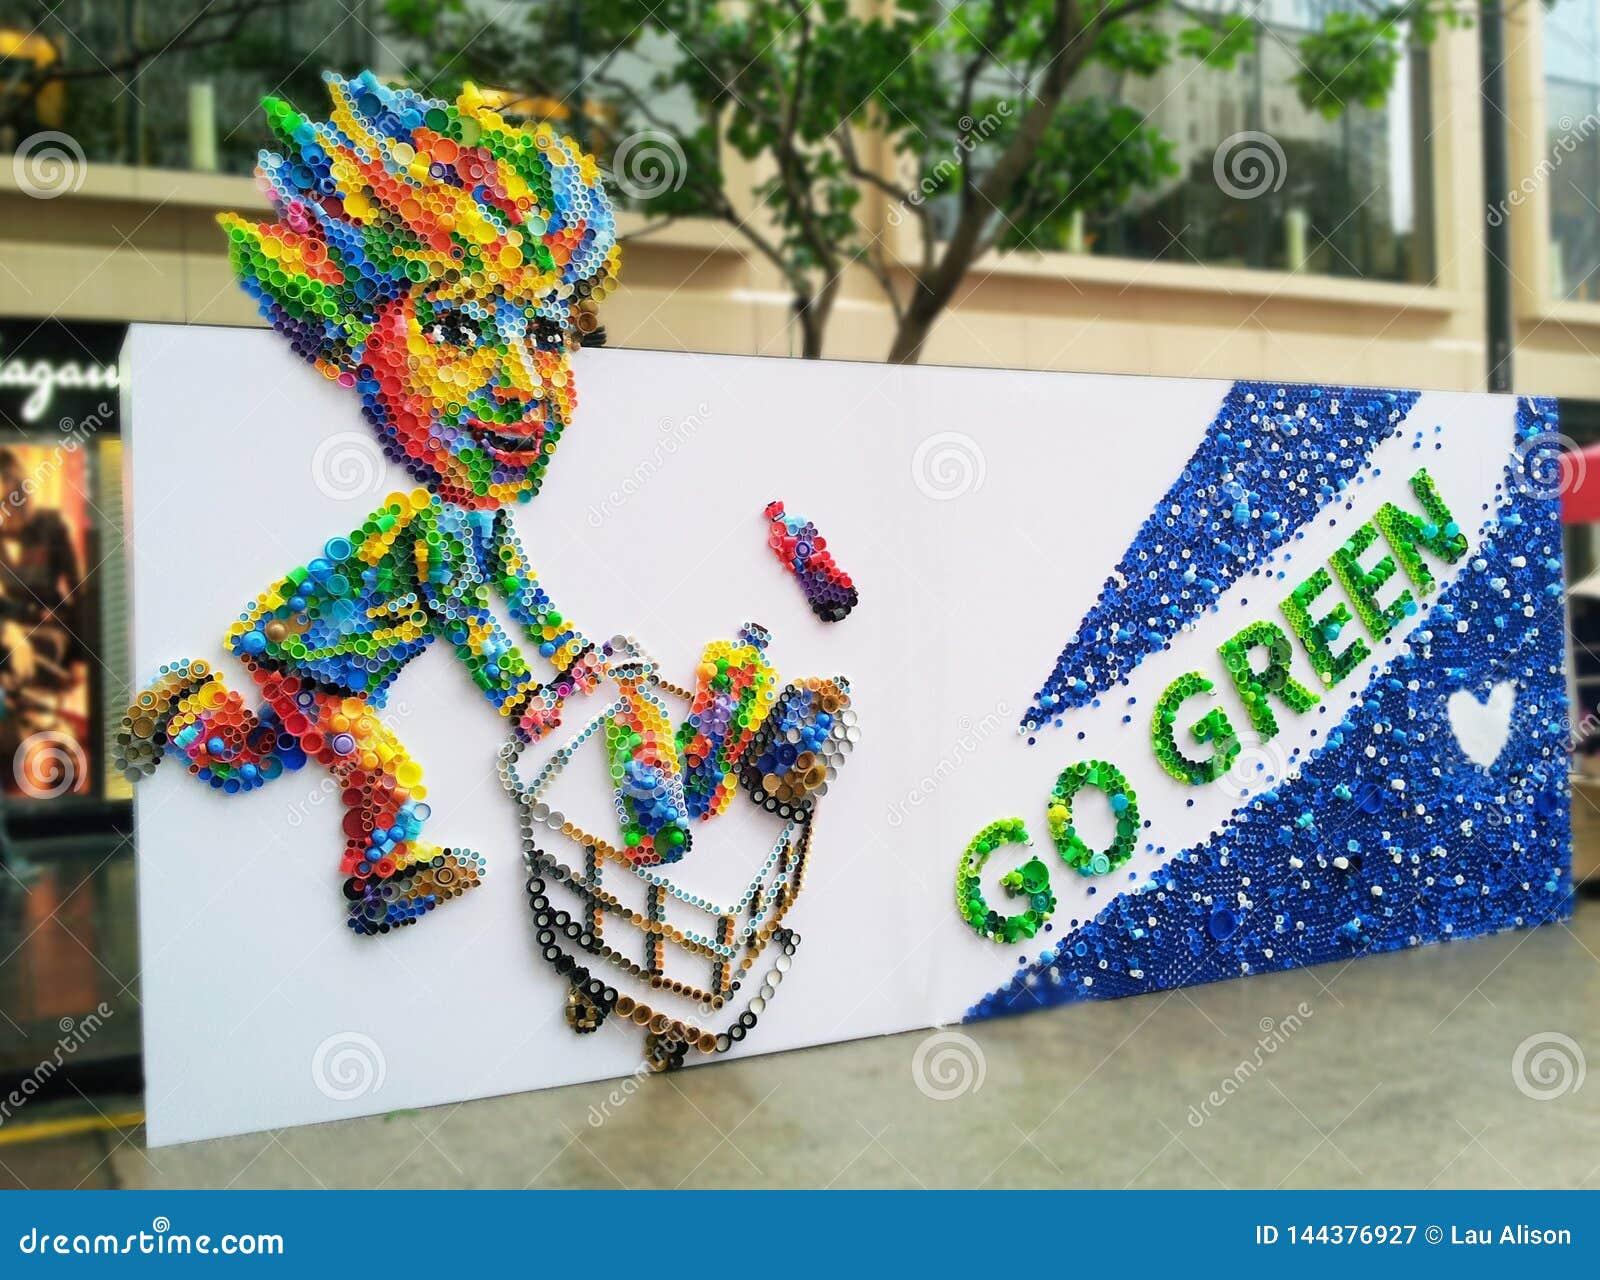 Umweltfreundlich gehen Sie mit den Plastikkappen grün, die neue Kunstschaffungen upcycling sind